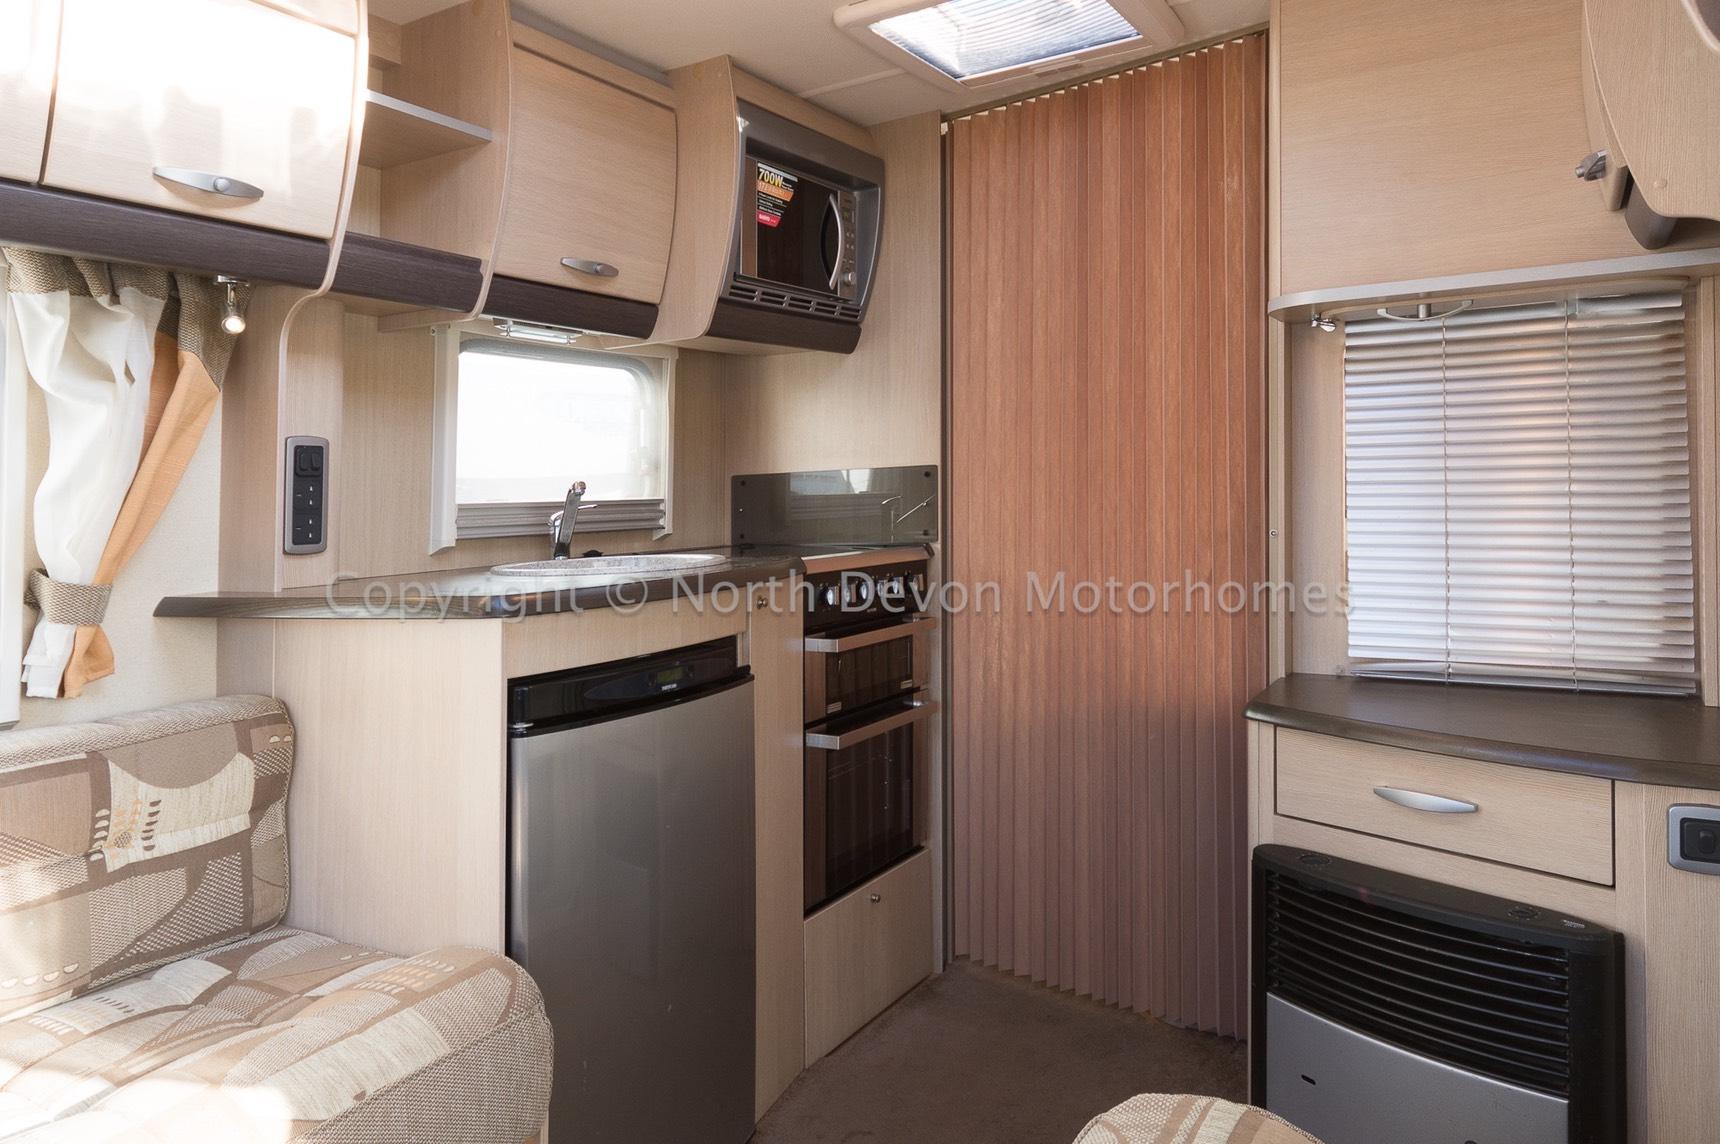 Sold Sterling Eccles Ruby 90 2010 4 Berth Caravan